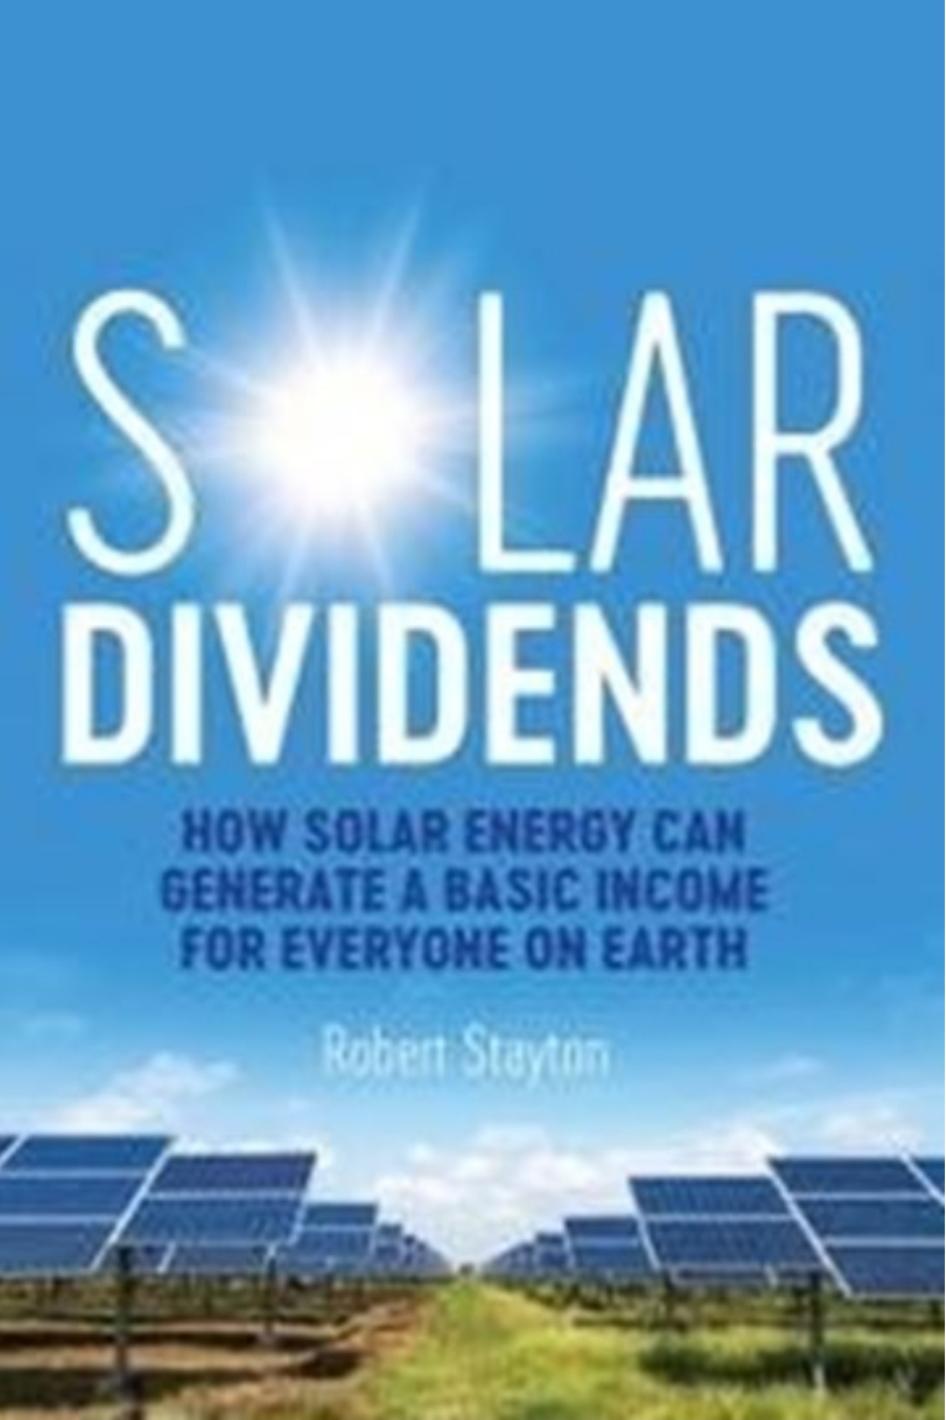 كيف تولد الطاقة الشمسية دخلاً لكل شخص